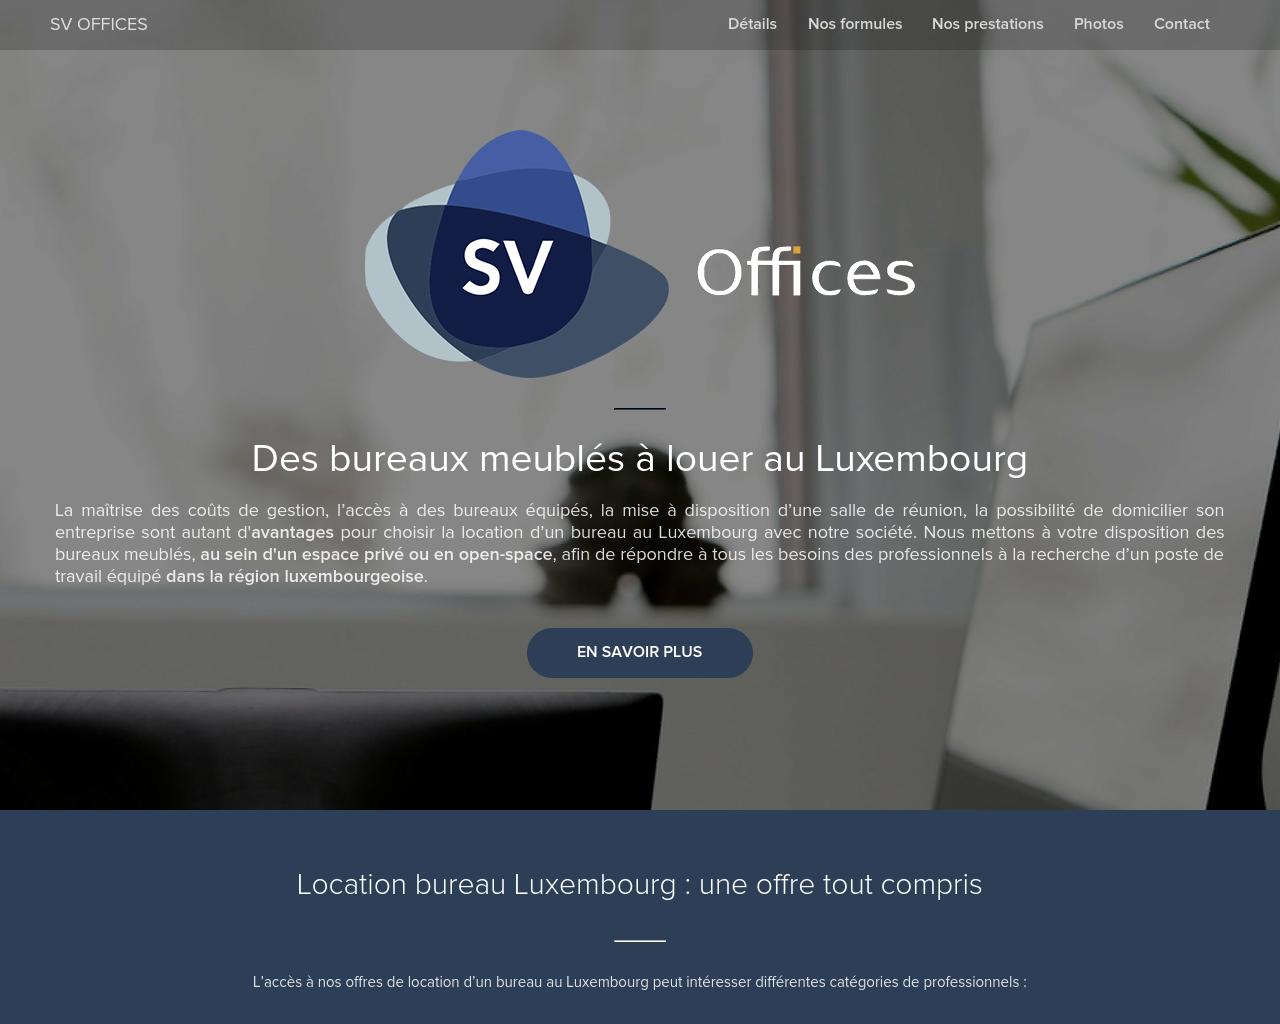 Location de bureaux meublés au luxembourg buzzle